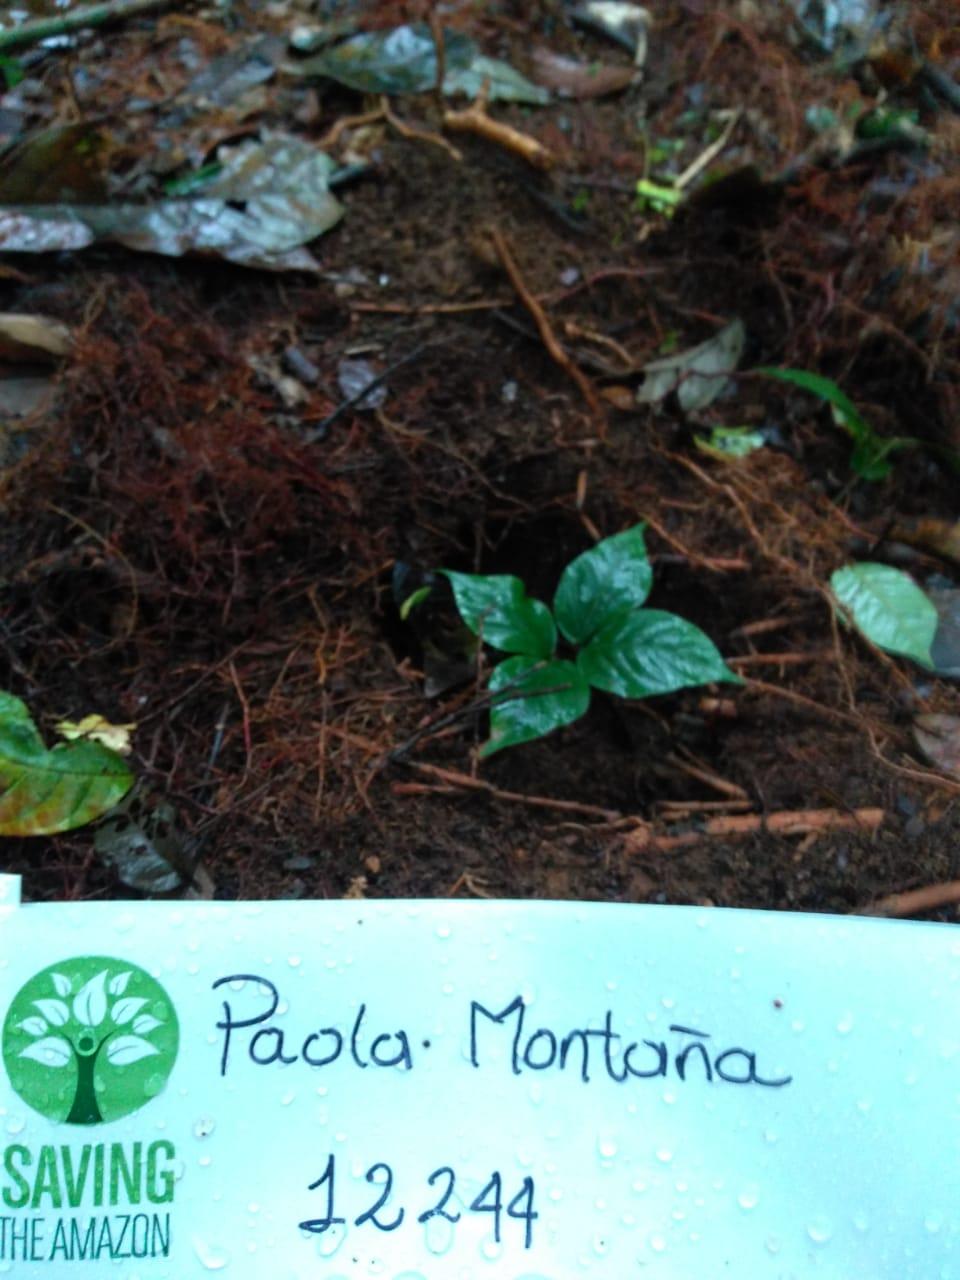 Paola Mountain